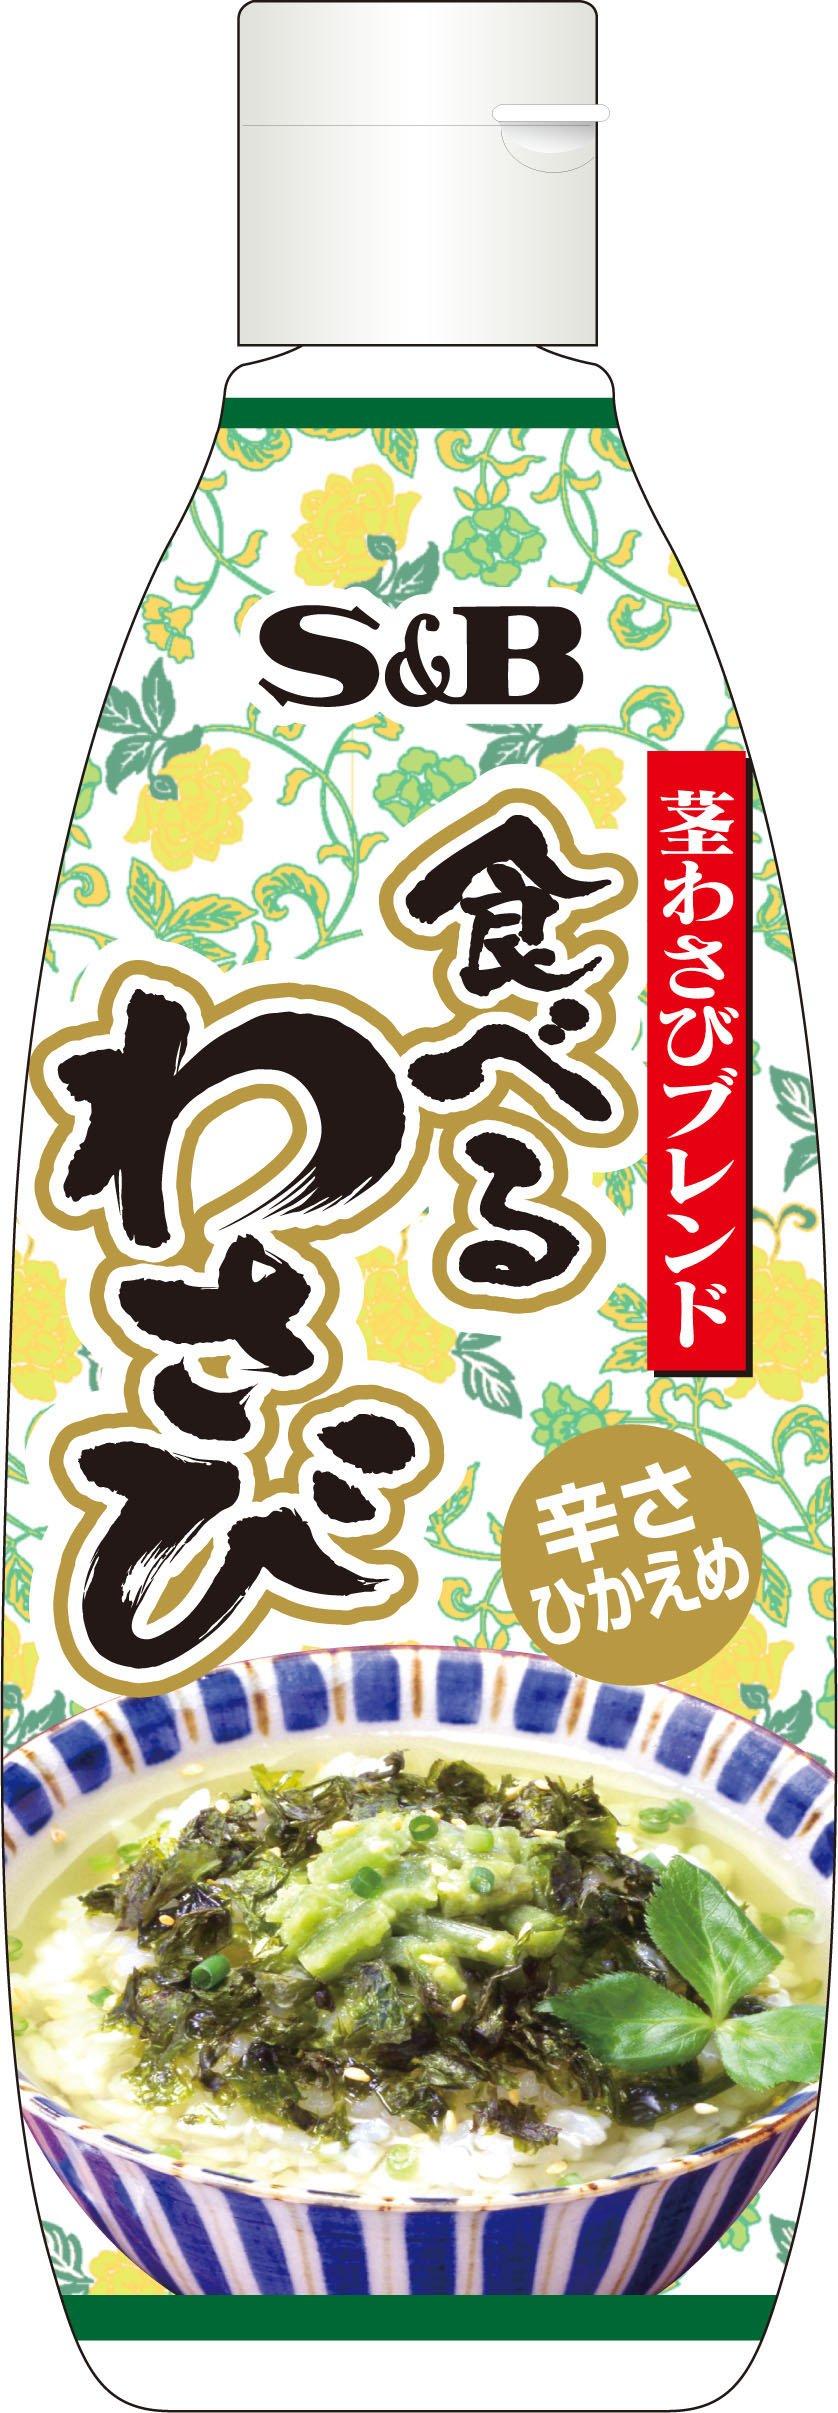 S & B eat wasabi 300g